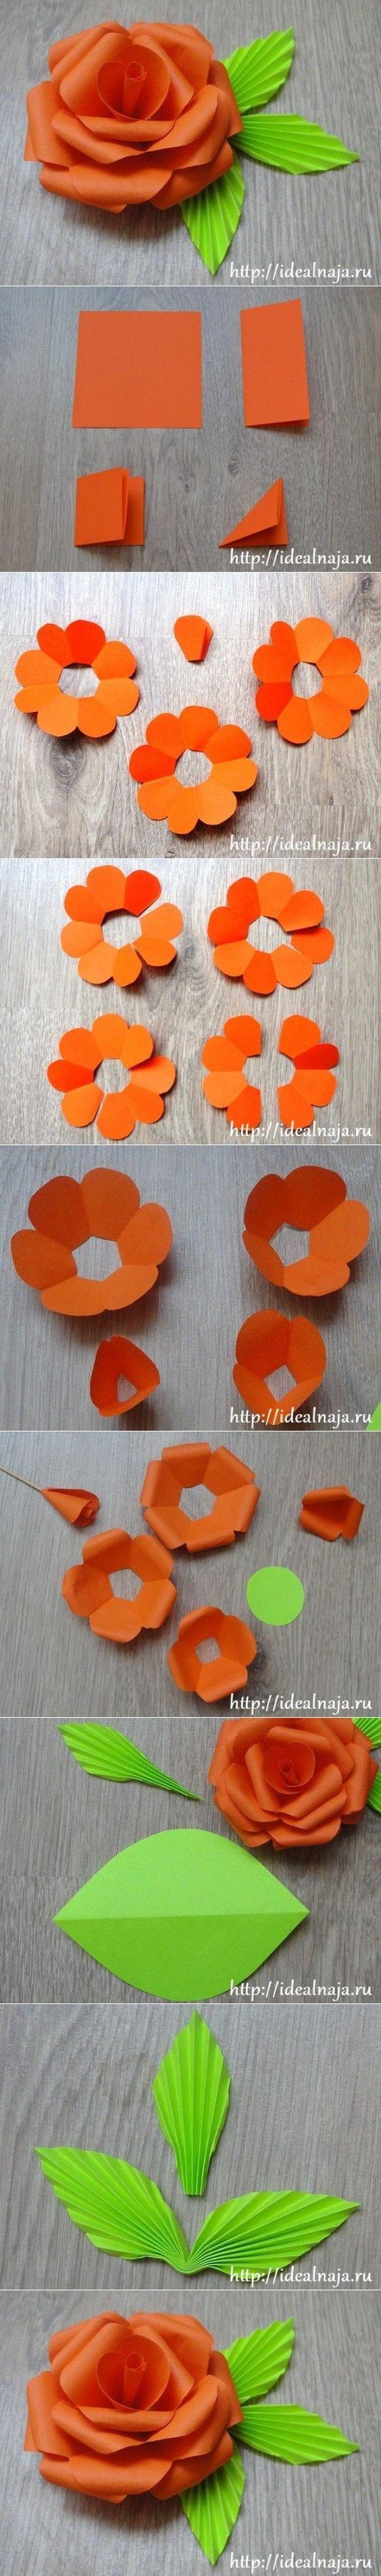 DIY Easy Paper Rose DIY Projects  Proyectos que debo intentar